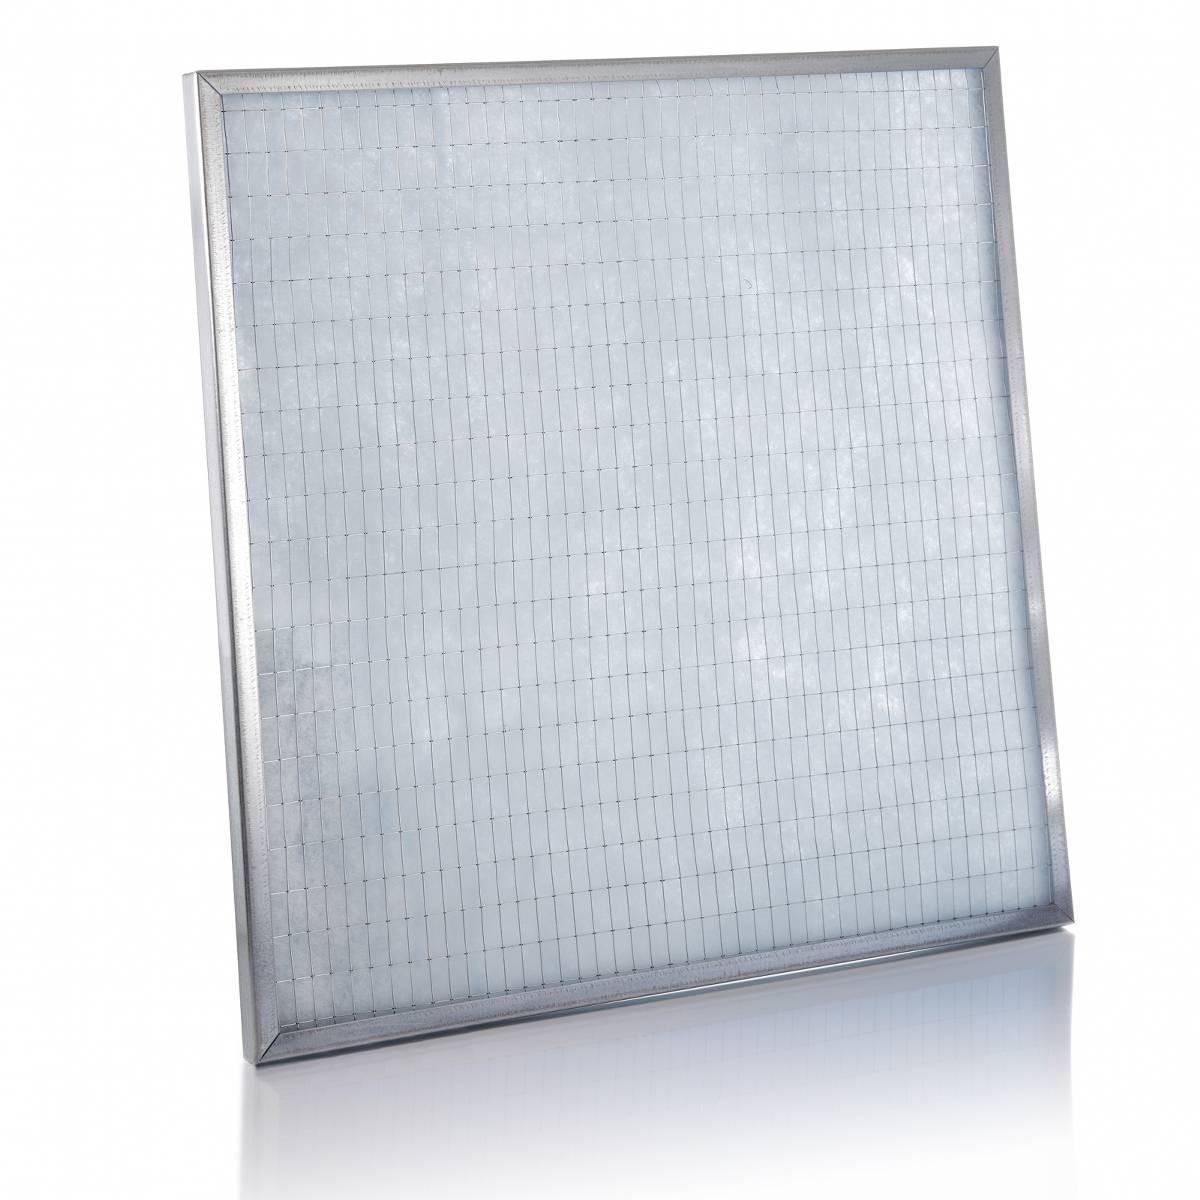 Cella filtrante sintetica piana efficienza G4 dimensioni 400x500x48 mm